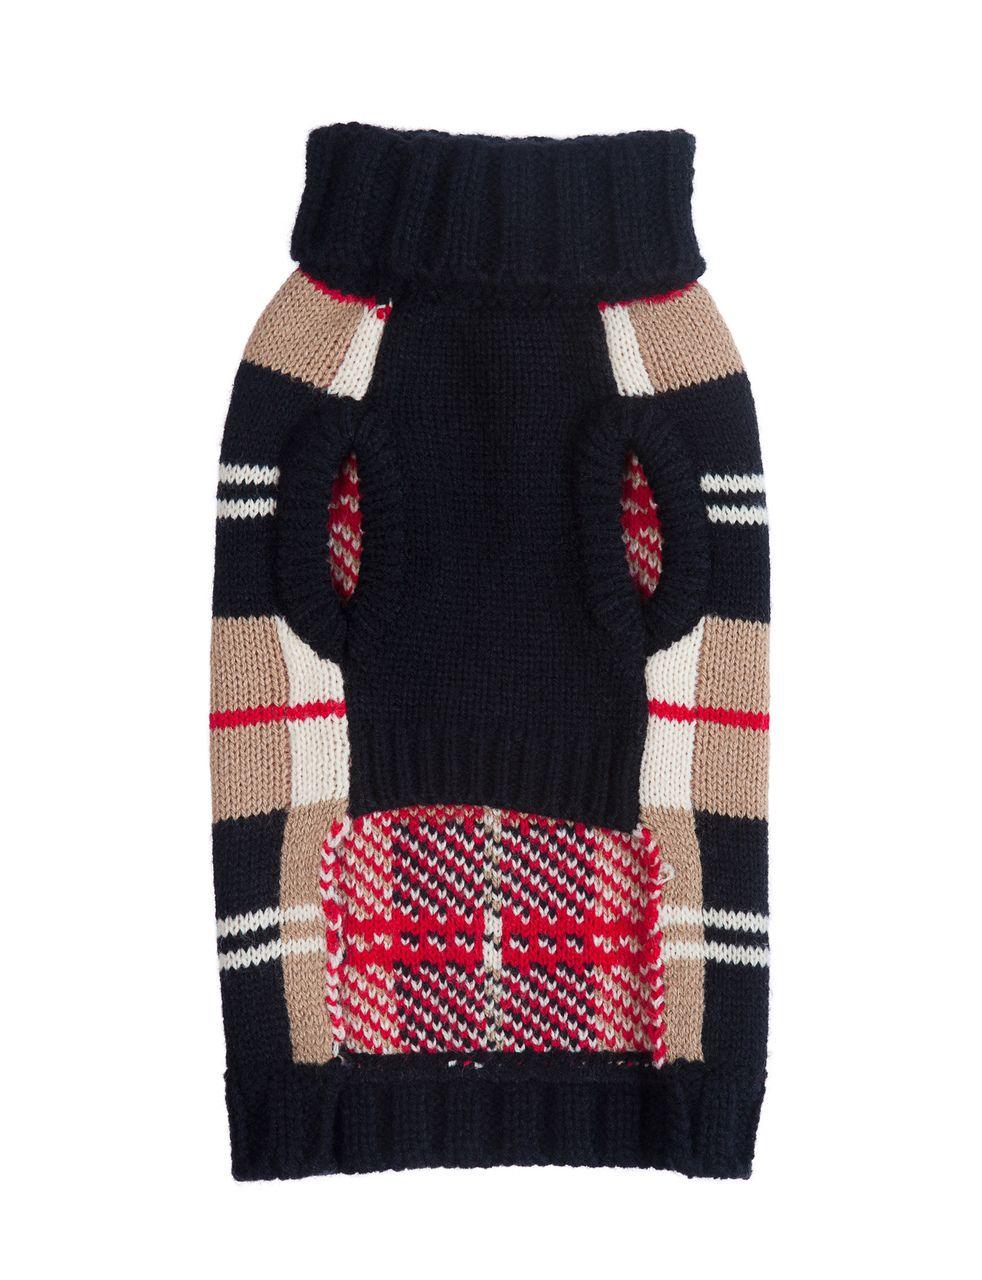 Fab Dog Tan Plaid dog sweater by Fab Dog